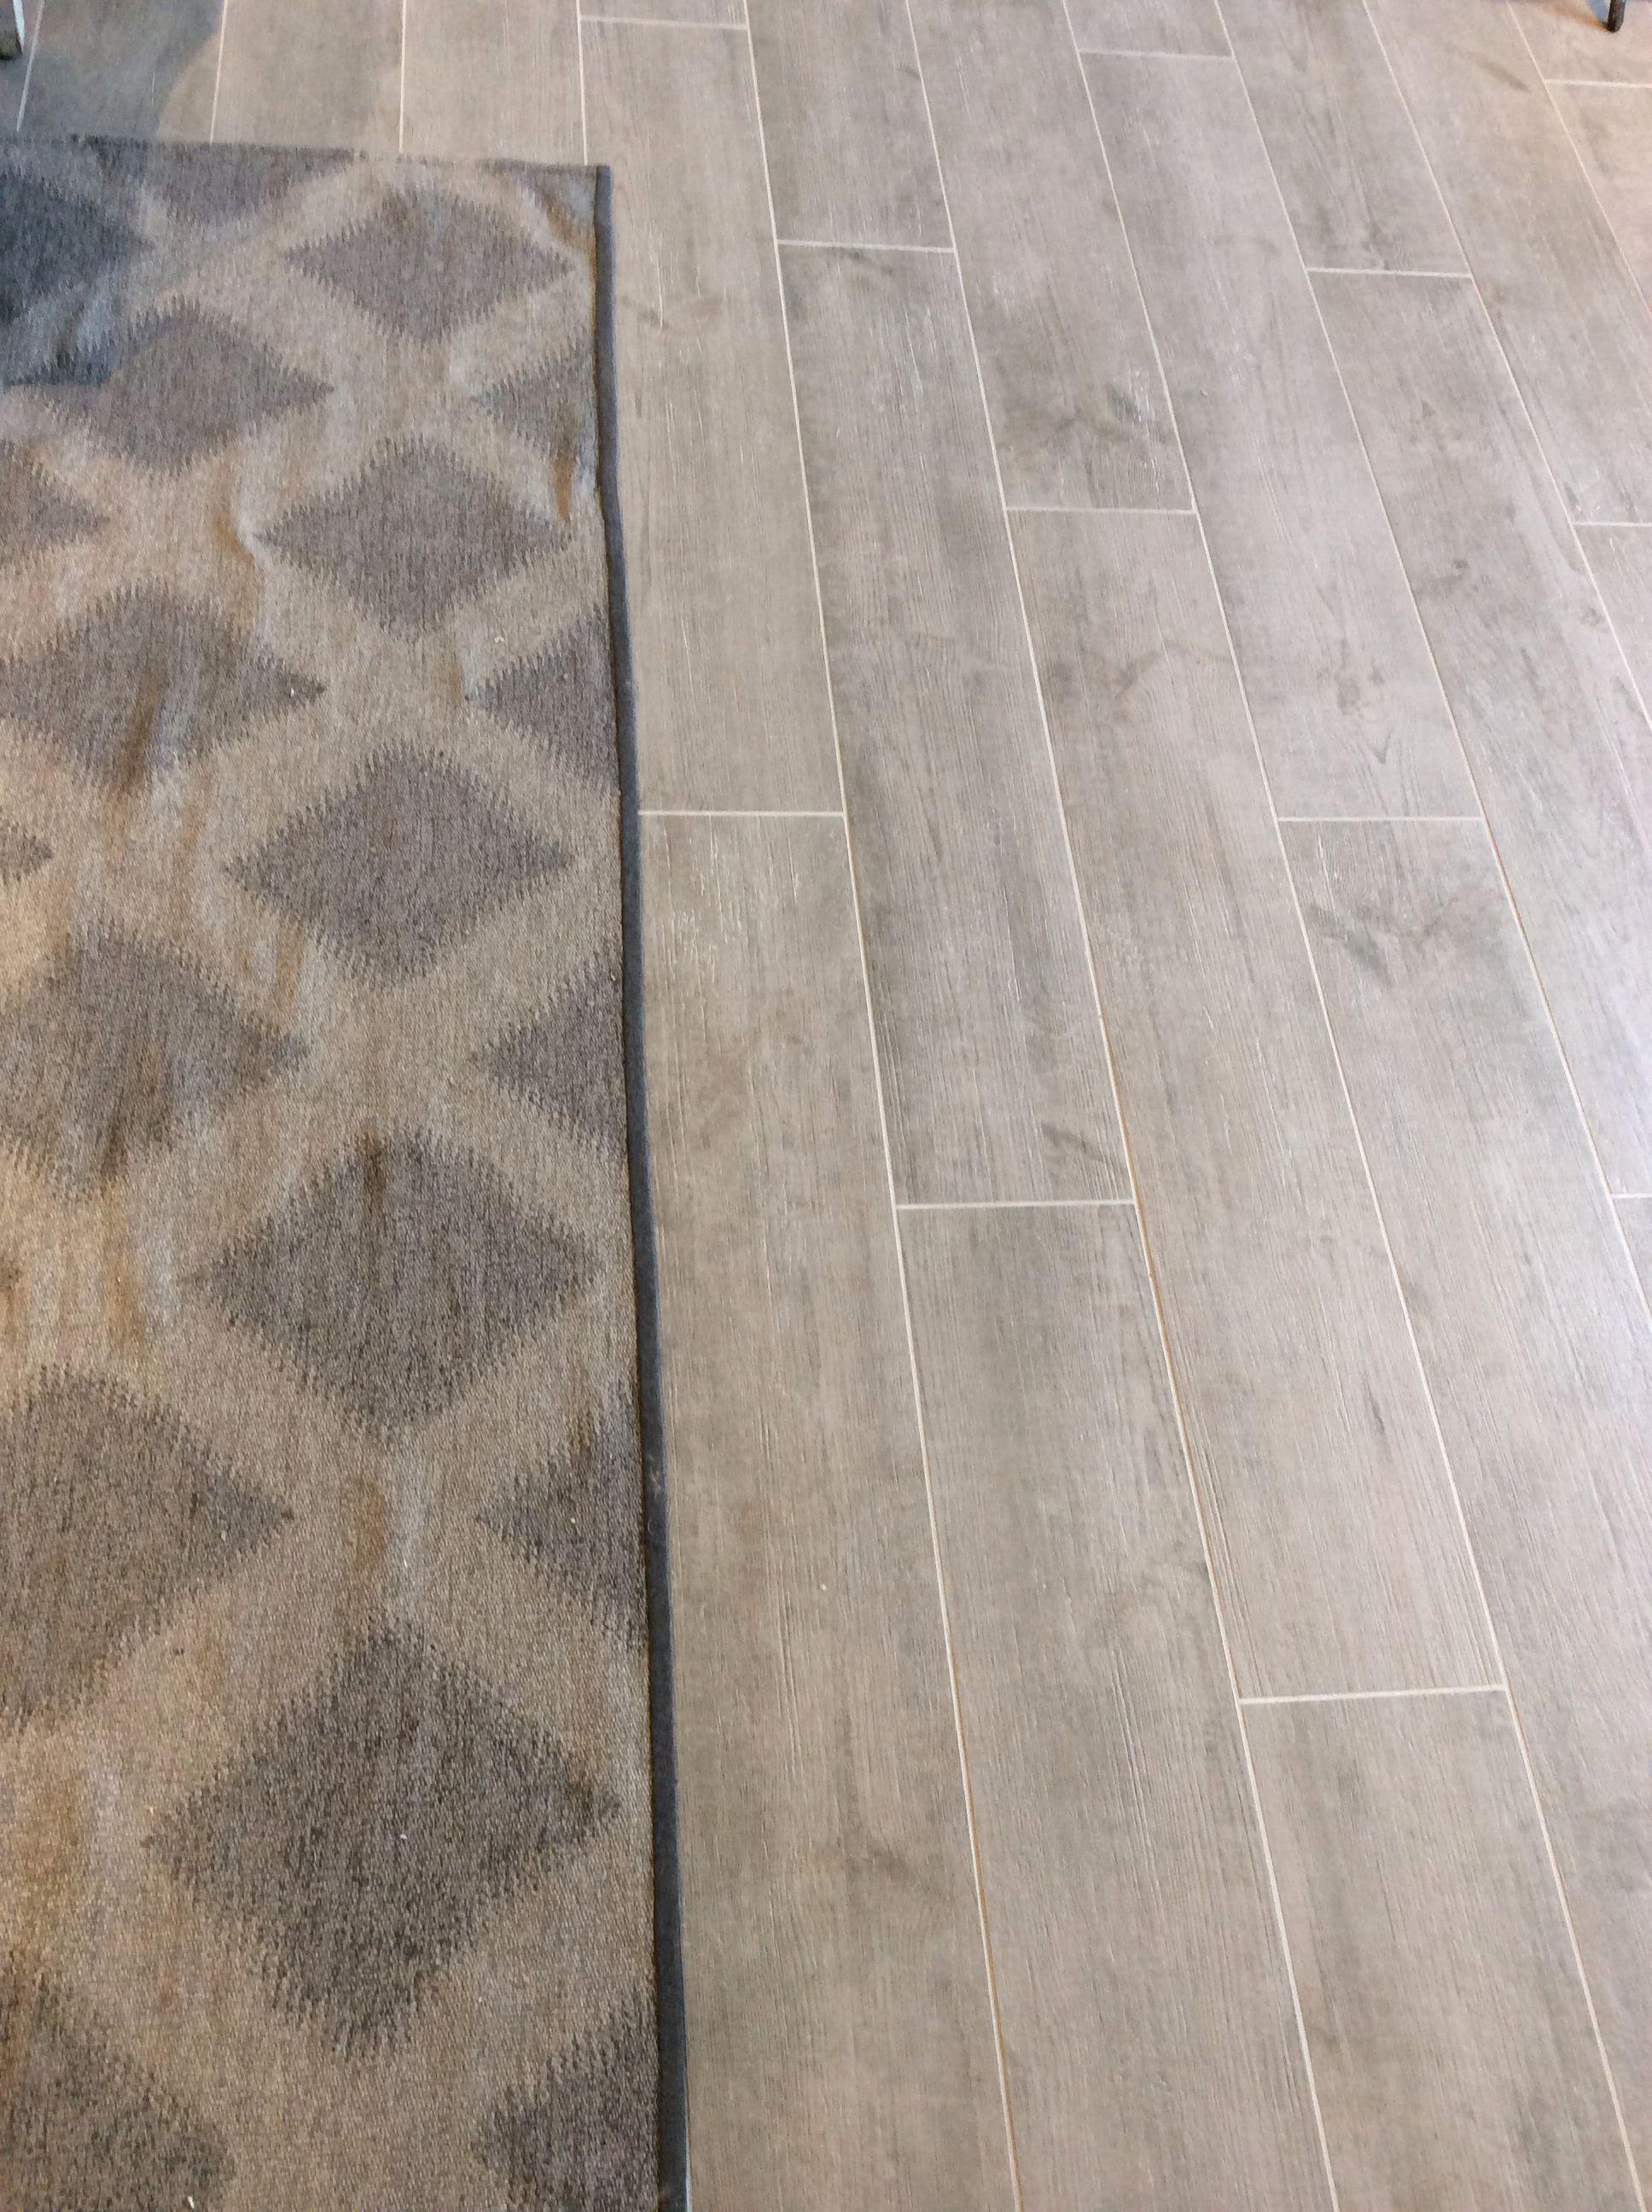 wood grain porcelain tile for guest bath floor  wood